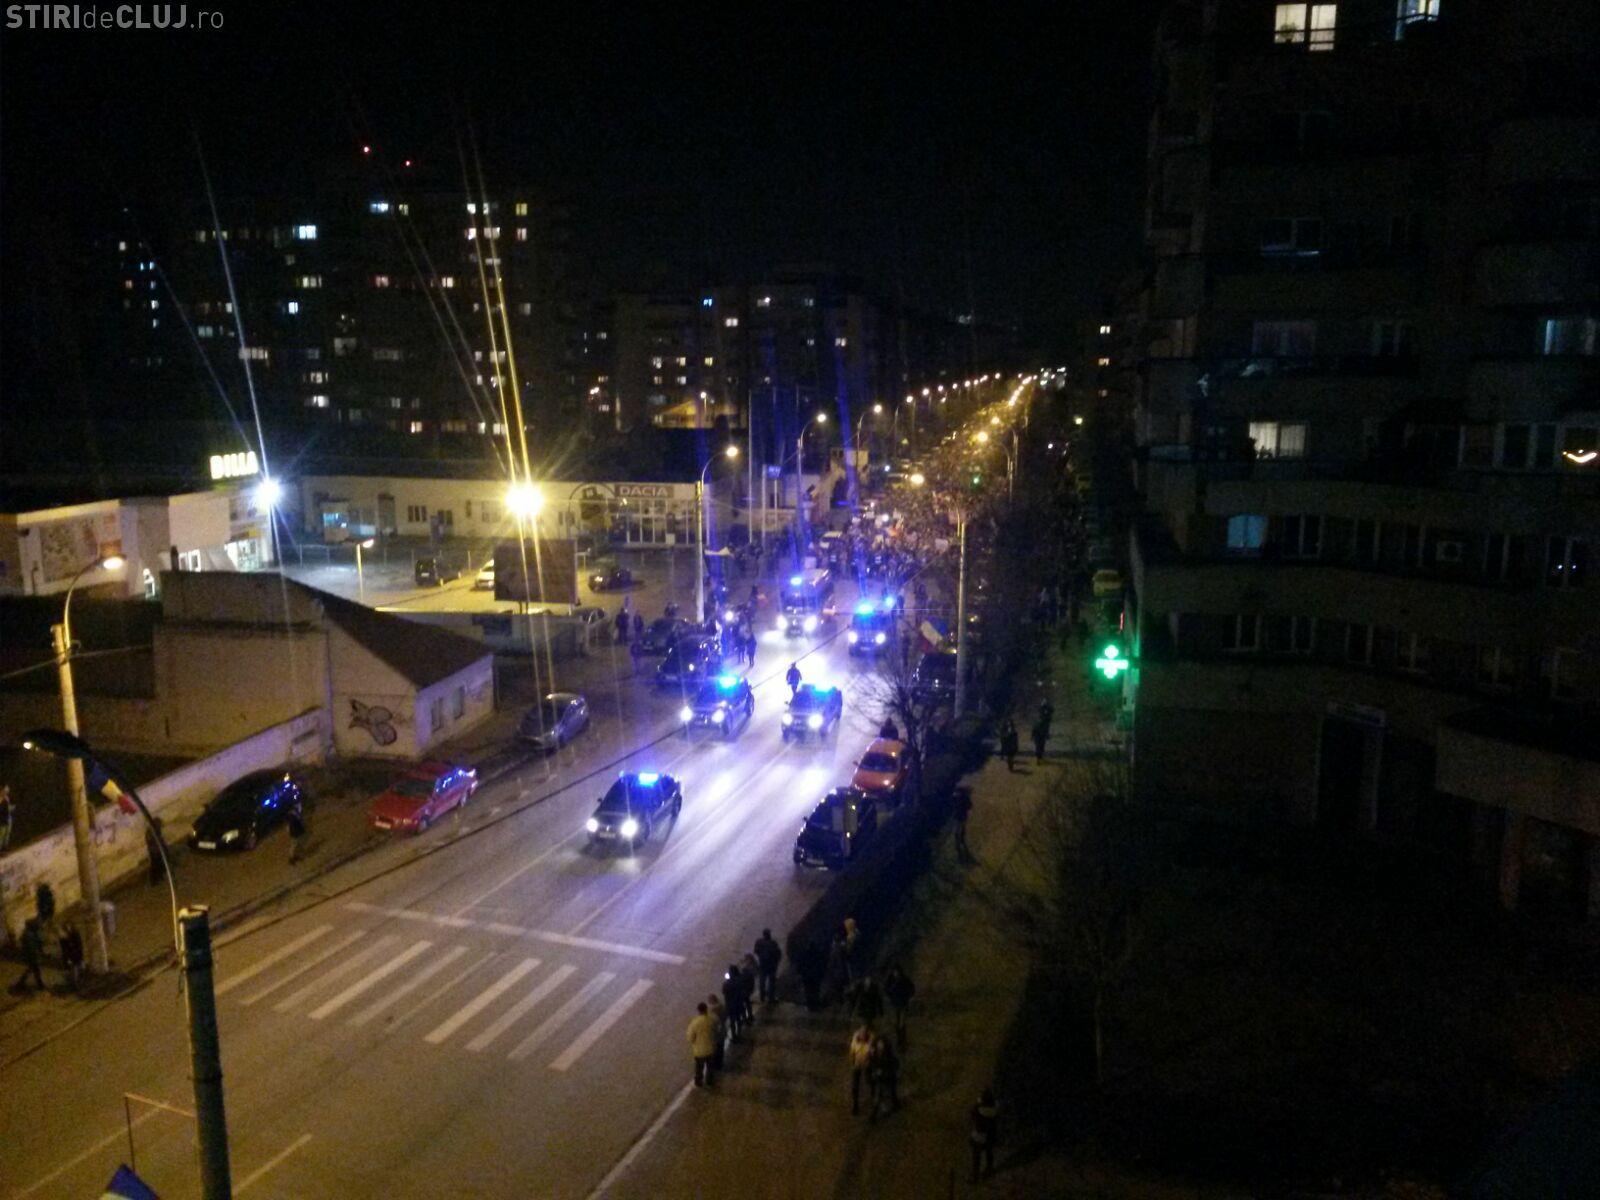 Imagini spectaculoase de la protestul din Cluj! Vezi imagini de la cel mai mare protest din istoria Clujului FOTO/VIDEO